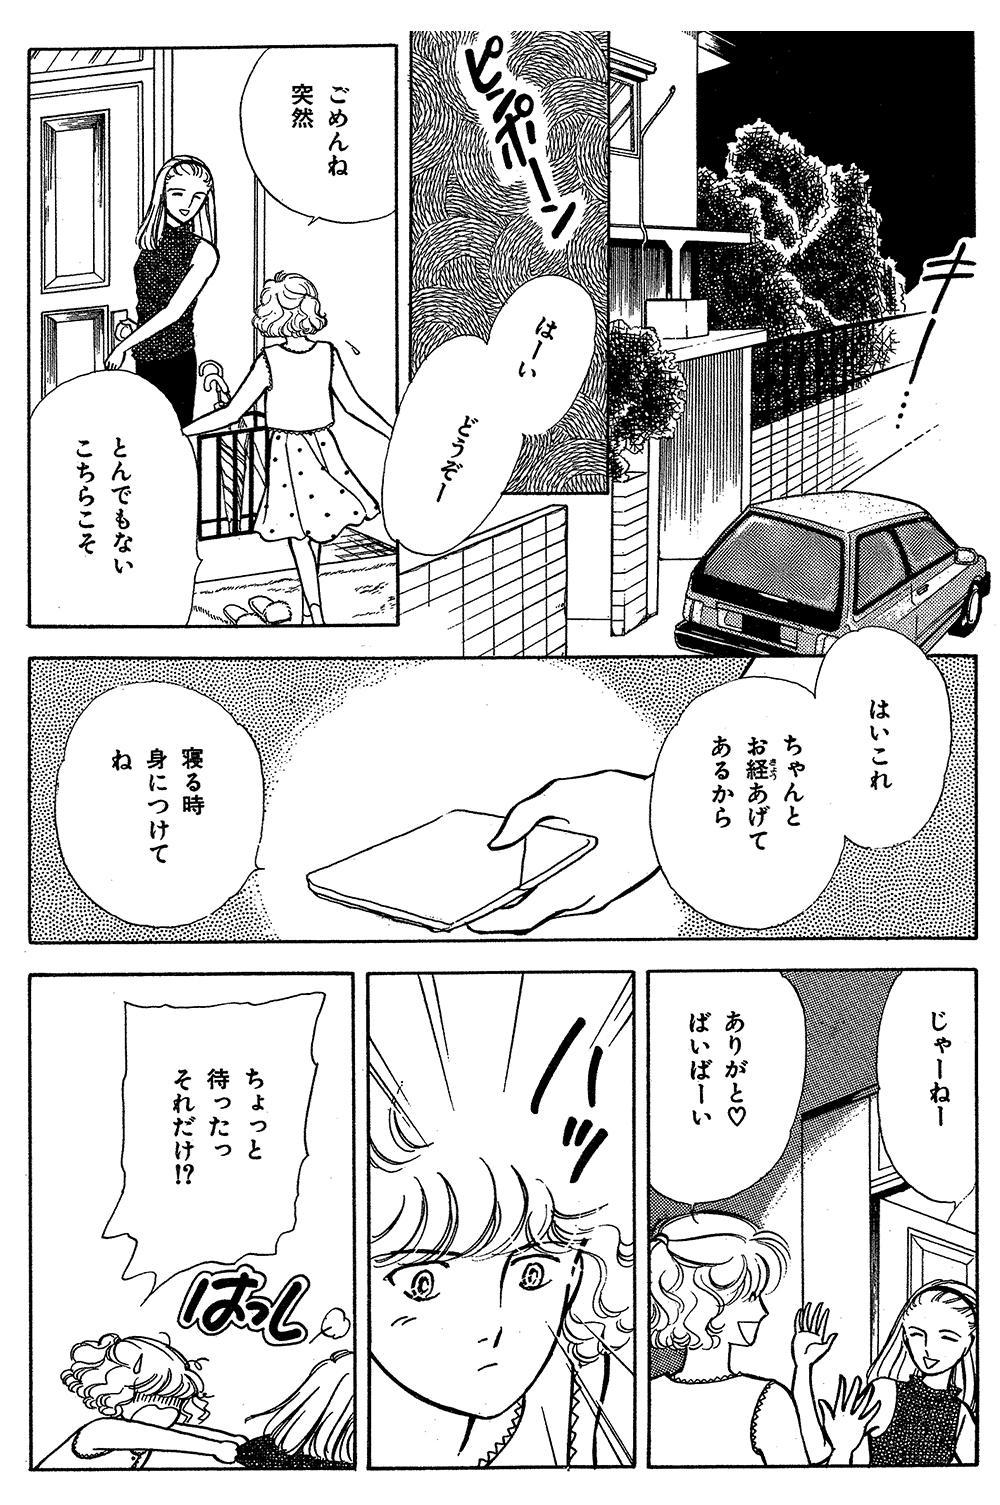 魔百合の恐怖報告 第1話「部屋の隅の白い影」②mayuri24.jpg